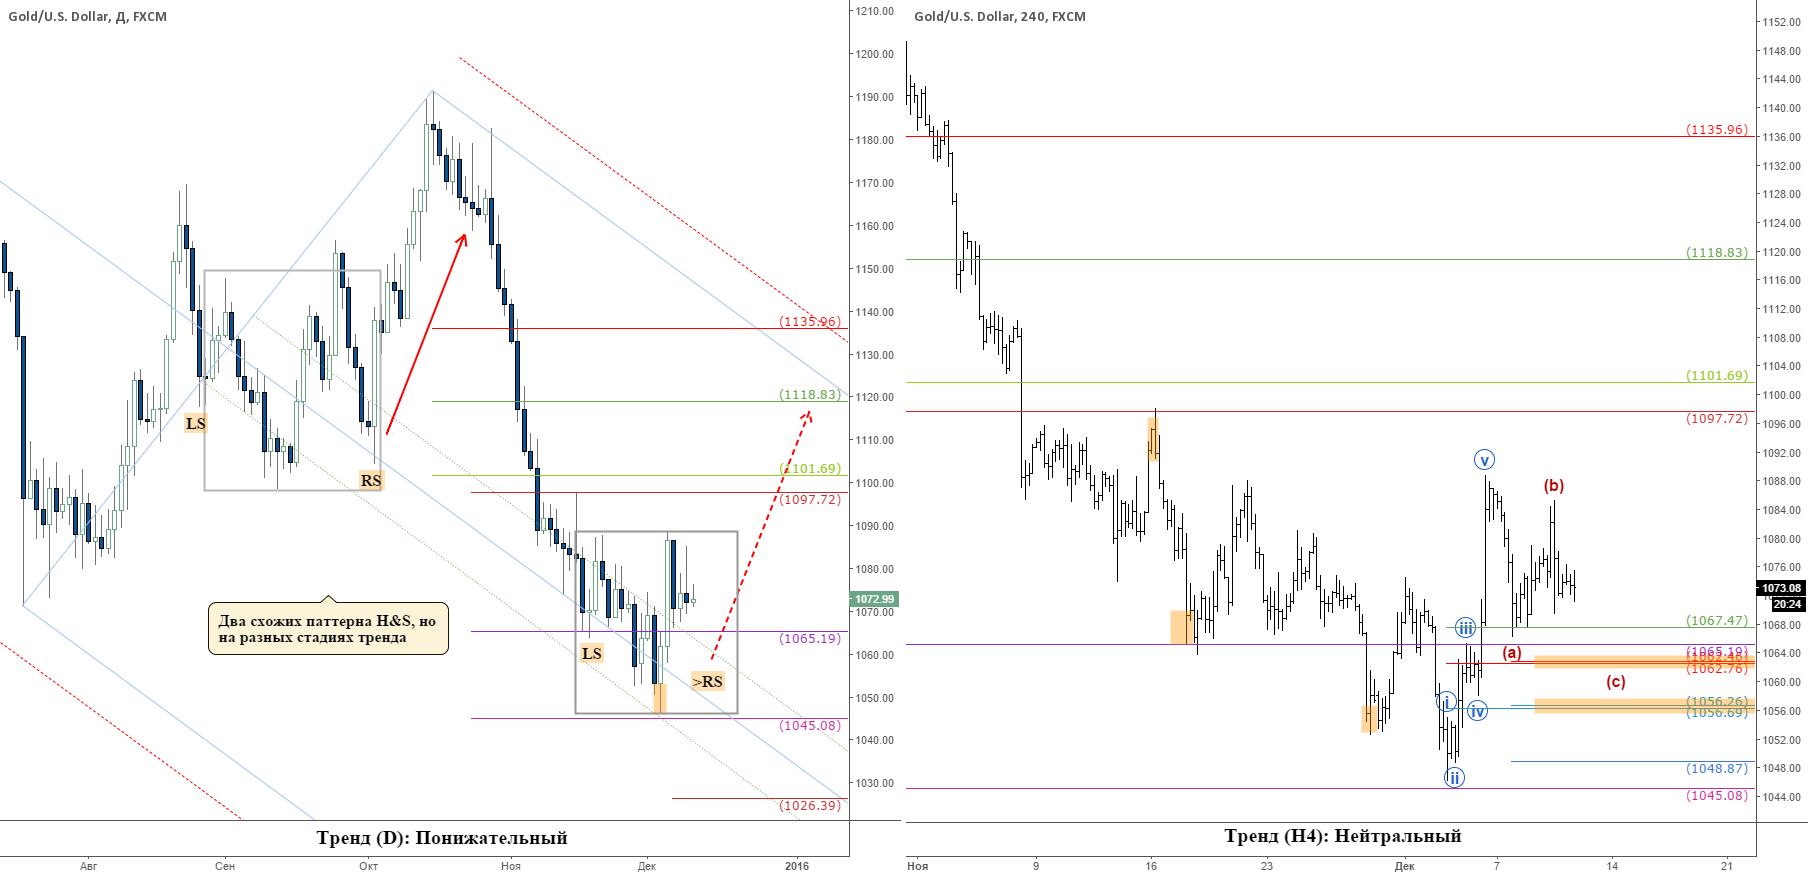 Золото за неделю до заседания ФРС